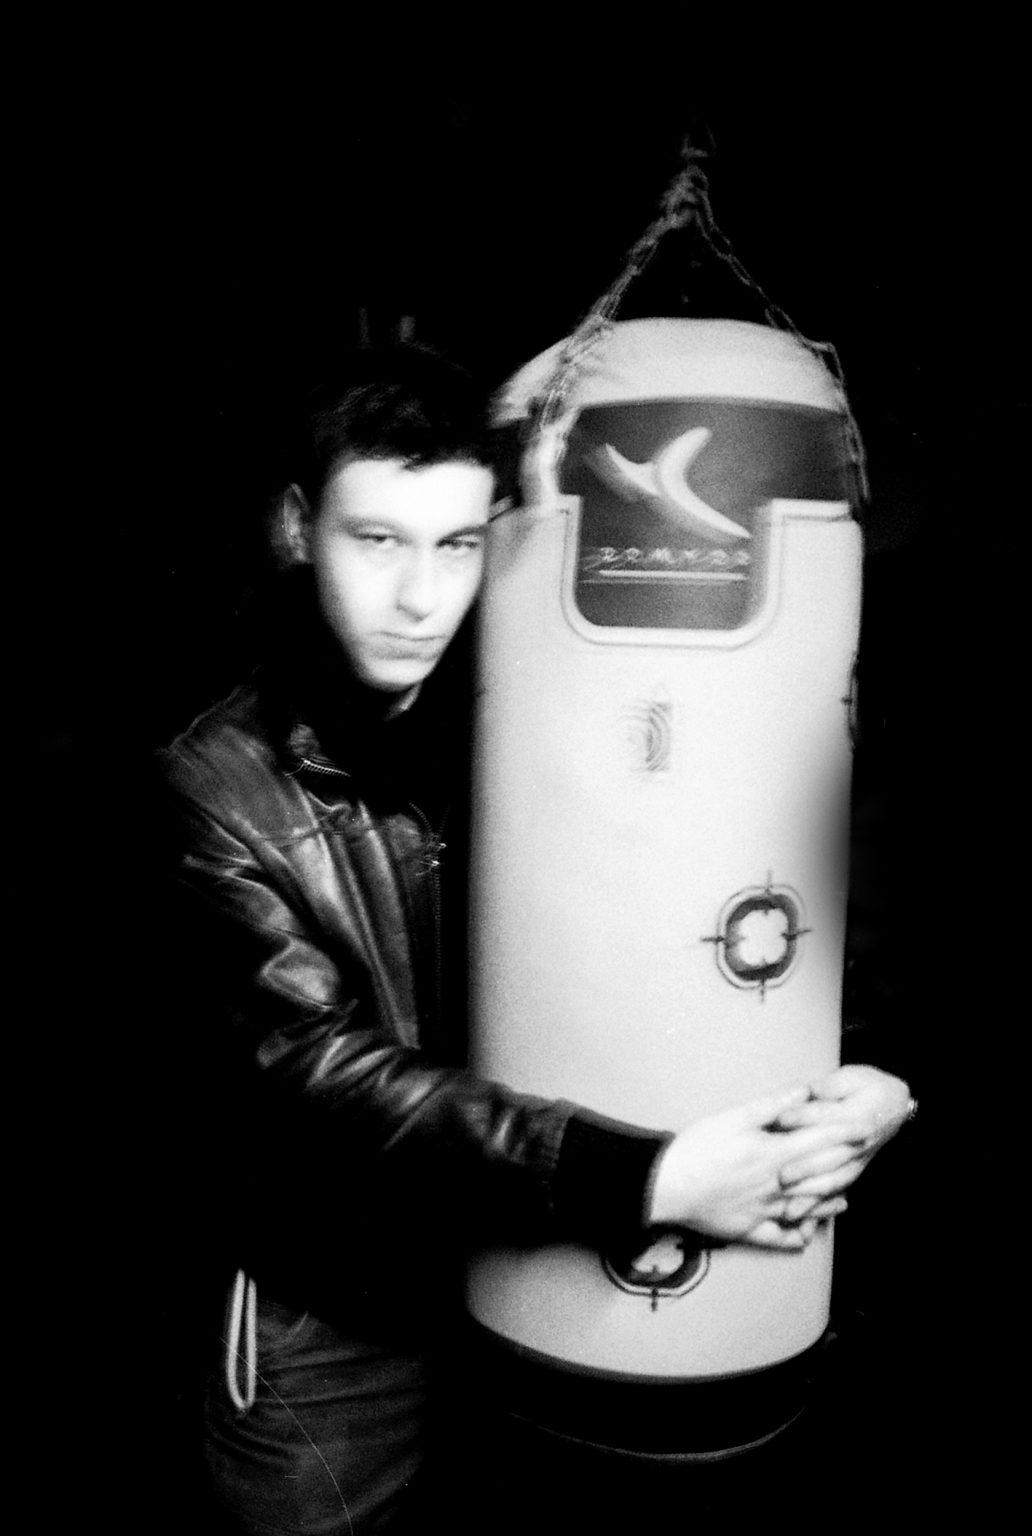 """Rome, 2011 """"Rome Diary"""" ( Rome 2007-2020)  is a long-term research that documents the city of Rome through stories of places and people. An investigation into different worlds, in a society where relationships, loneliness, abuse, love, nightlife, music and artists are explored, and finally the relationship between people and cities.A young man in a club in Rome. >< Rome, 2011 -Rome Diary Rome (2007-2020) è una ricerca a lungo termine che documenta la città di Roma attraverso storie di luoghi e  di persone. Un'indagine in mondi diversi, in una società in cui si esplorano le relazioni, la solitudine, gli abusi, l'amore, la vita notturna , la musica e gli artisti, ed infine il rapporto tra persone e città. Un giovane all'interno di un club a Roma."""